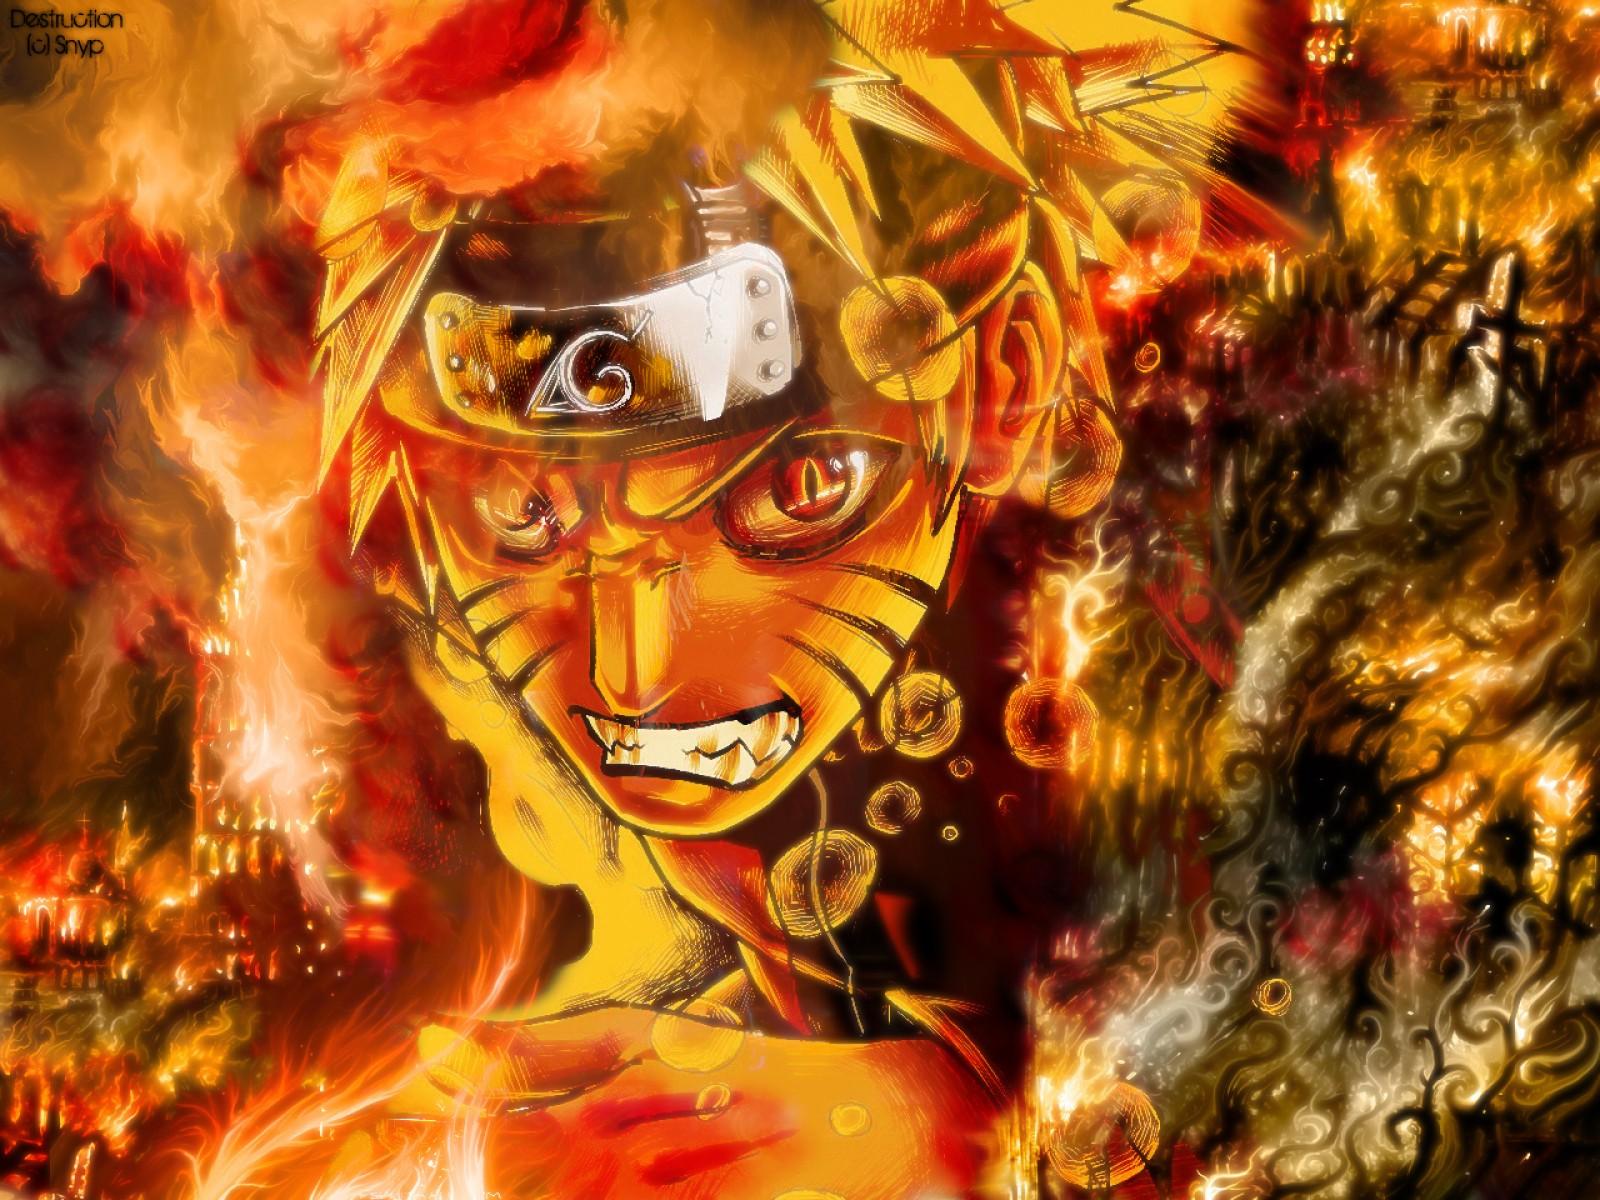 Gambar Wallpaper 3 Dimensi Bergerak Terlengkap: Gambar 3 Dimensi Naruto